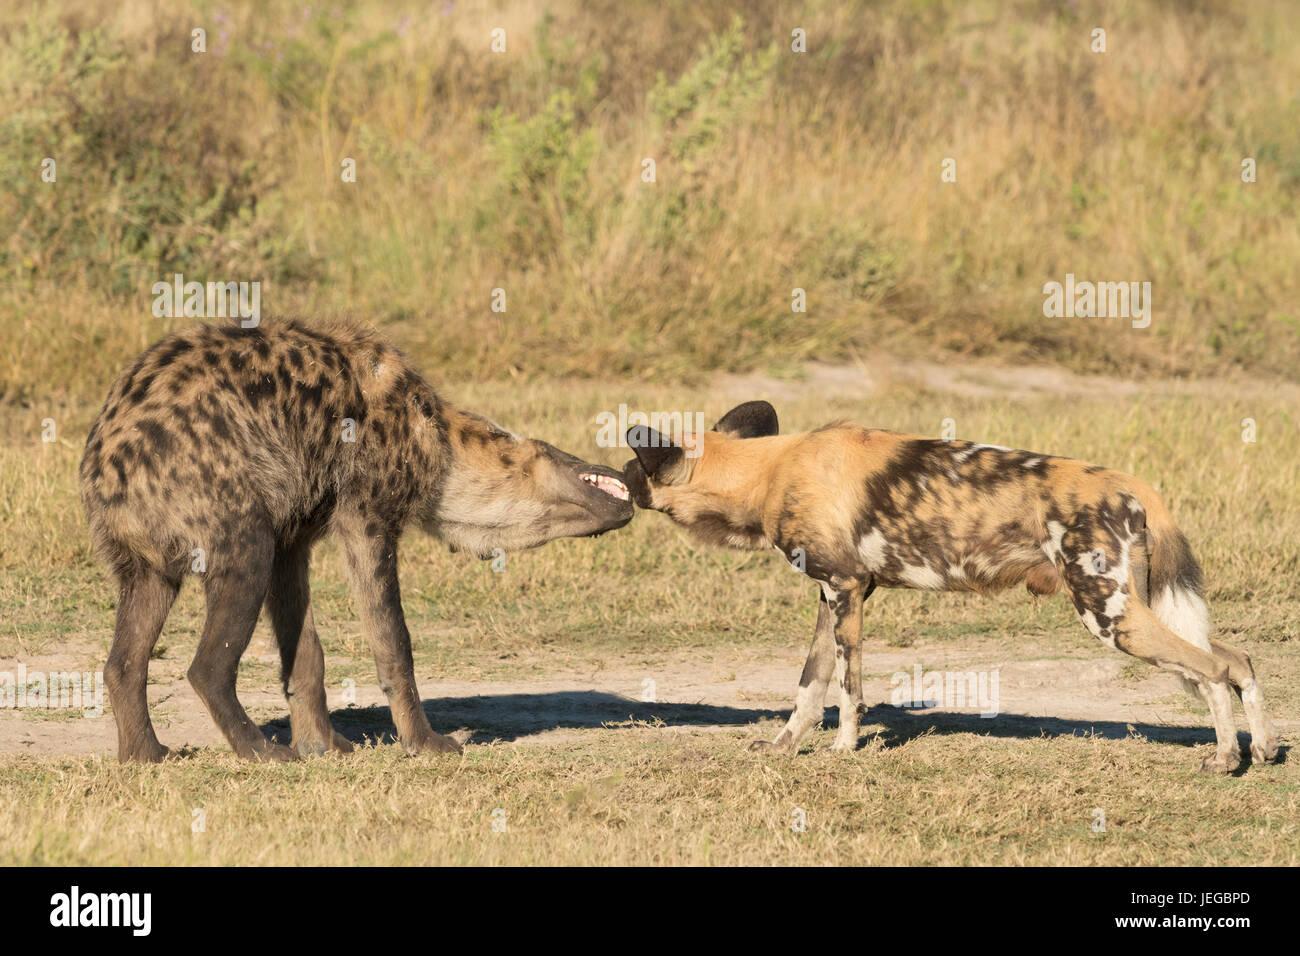 Perros salvajes africanos interactuando con spotted hyaena Imagen De Stock